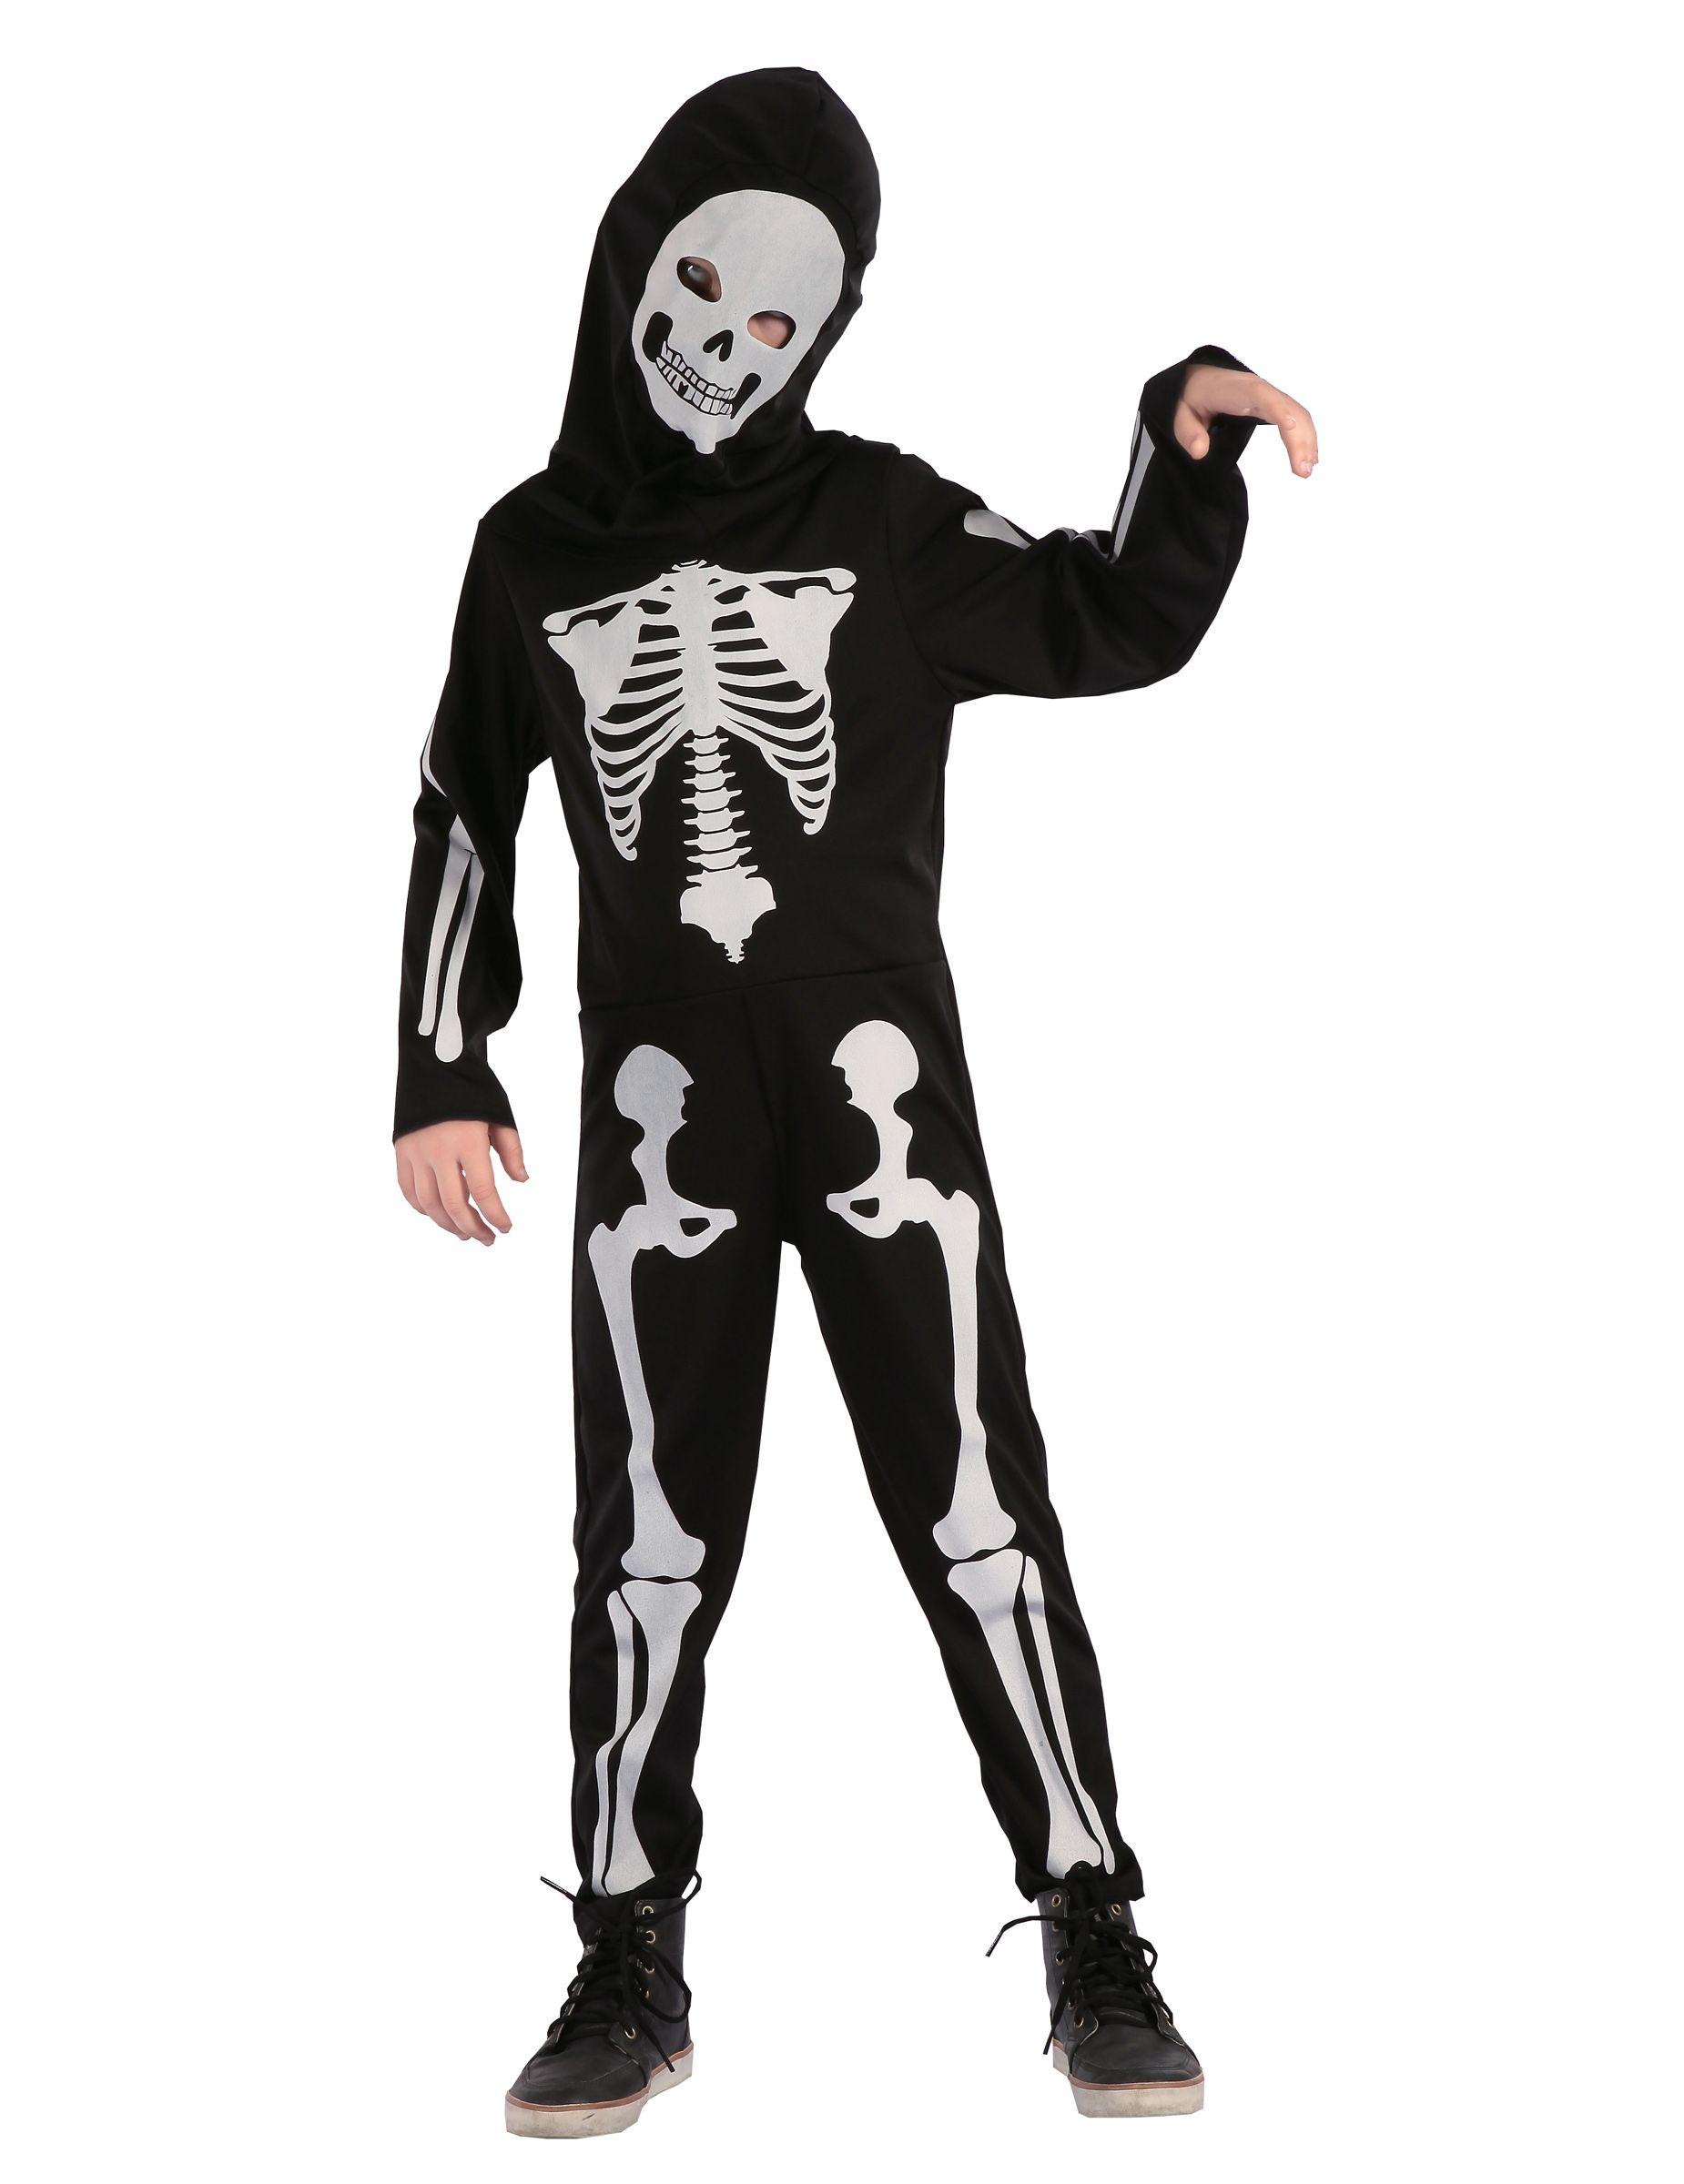 Costume scheletro articolato bambino  Questo costume da scheletro per  bambino è composto da una tuta 8a41e03da4d4